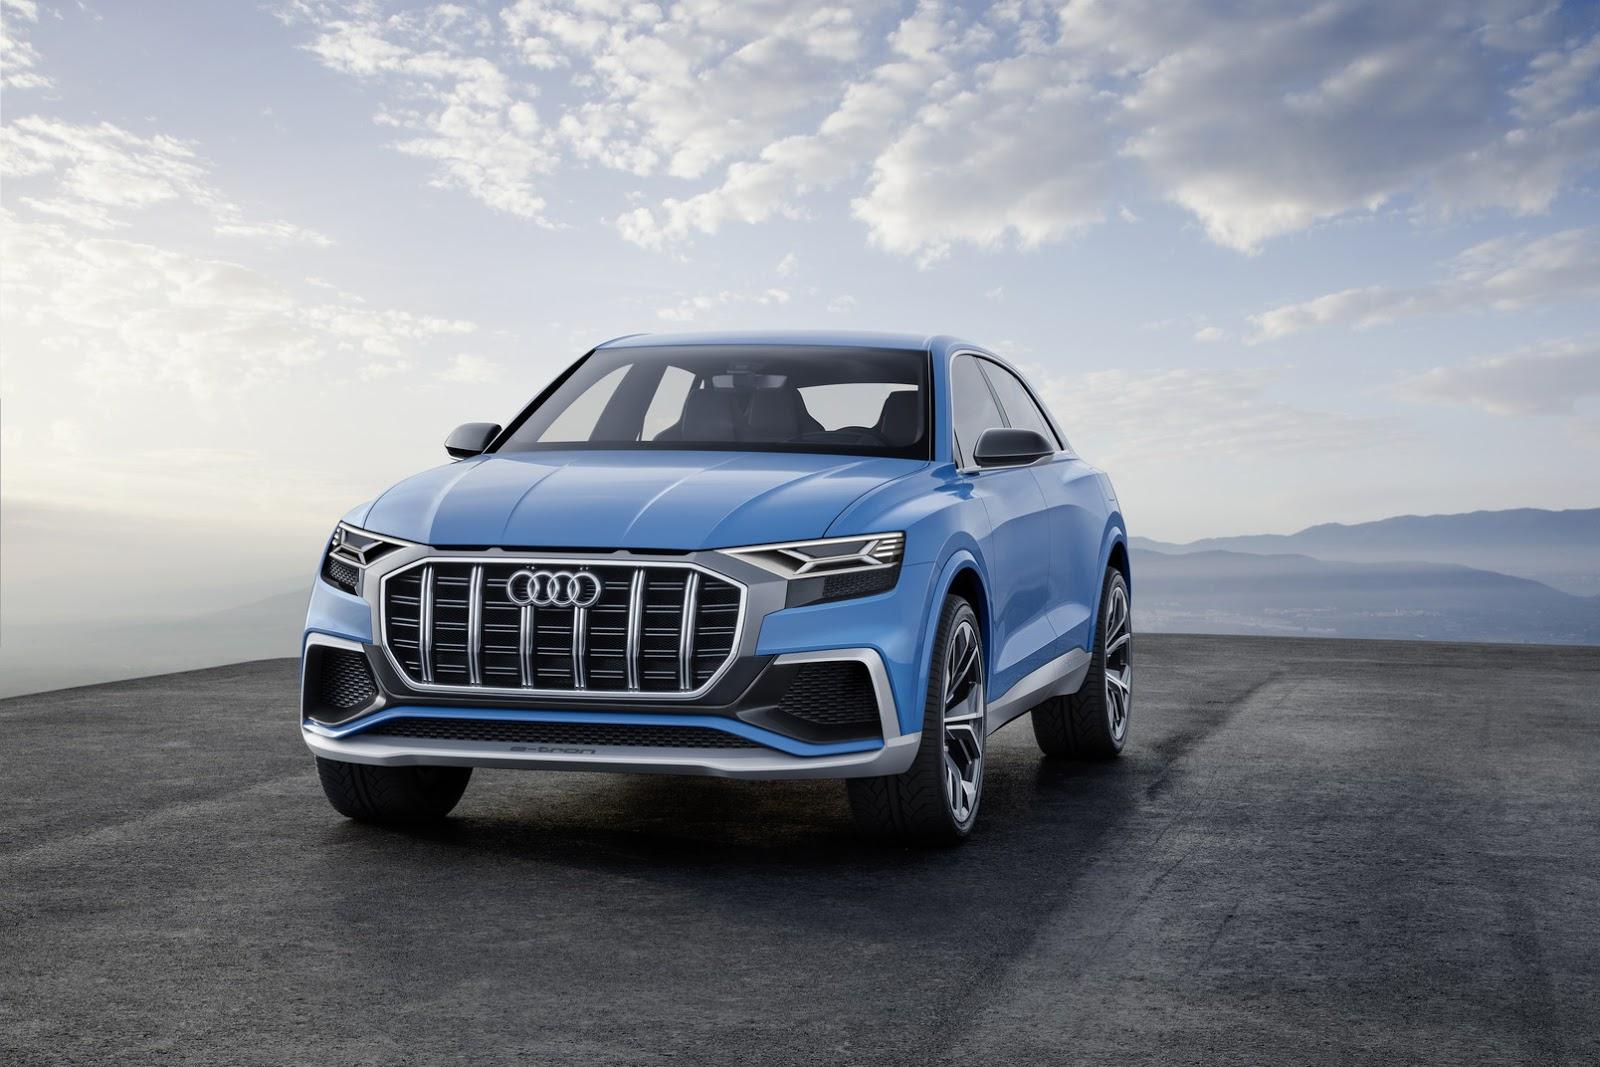 Audi_Q8_concept_16